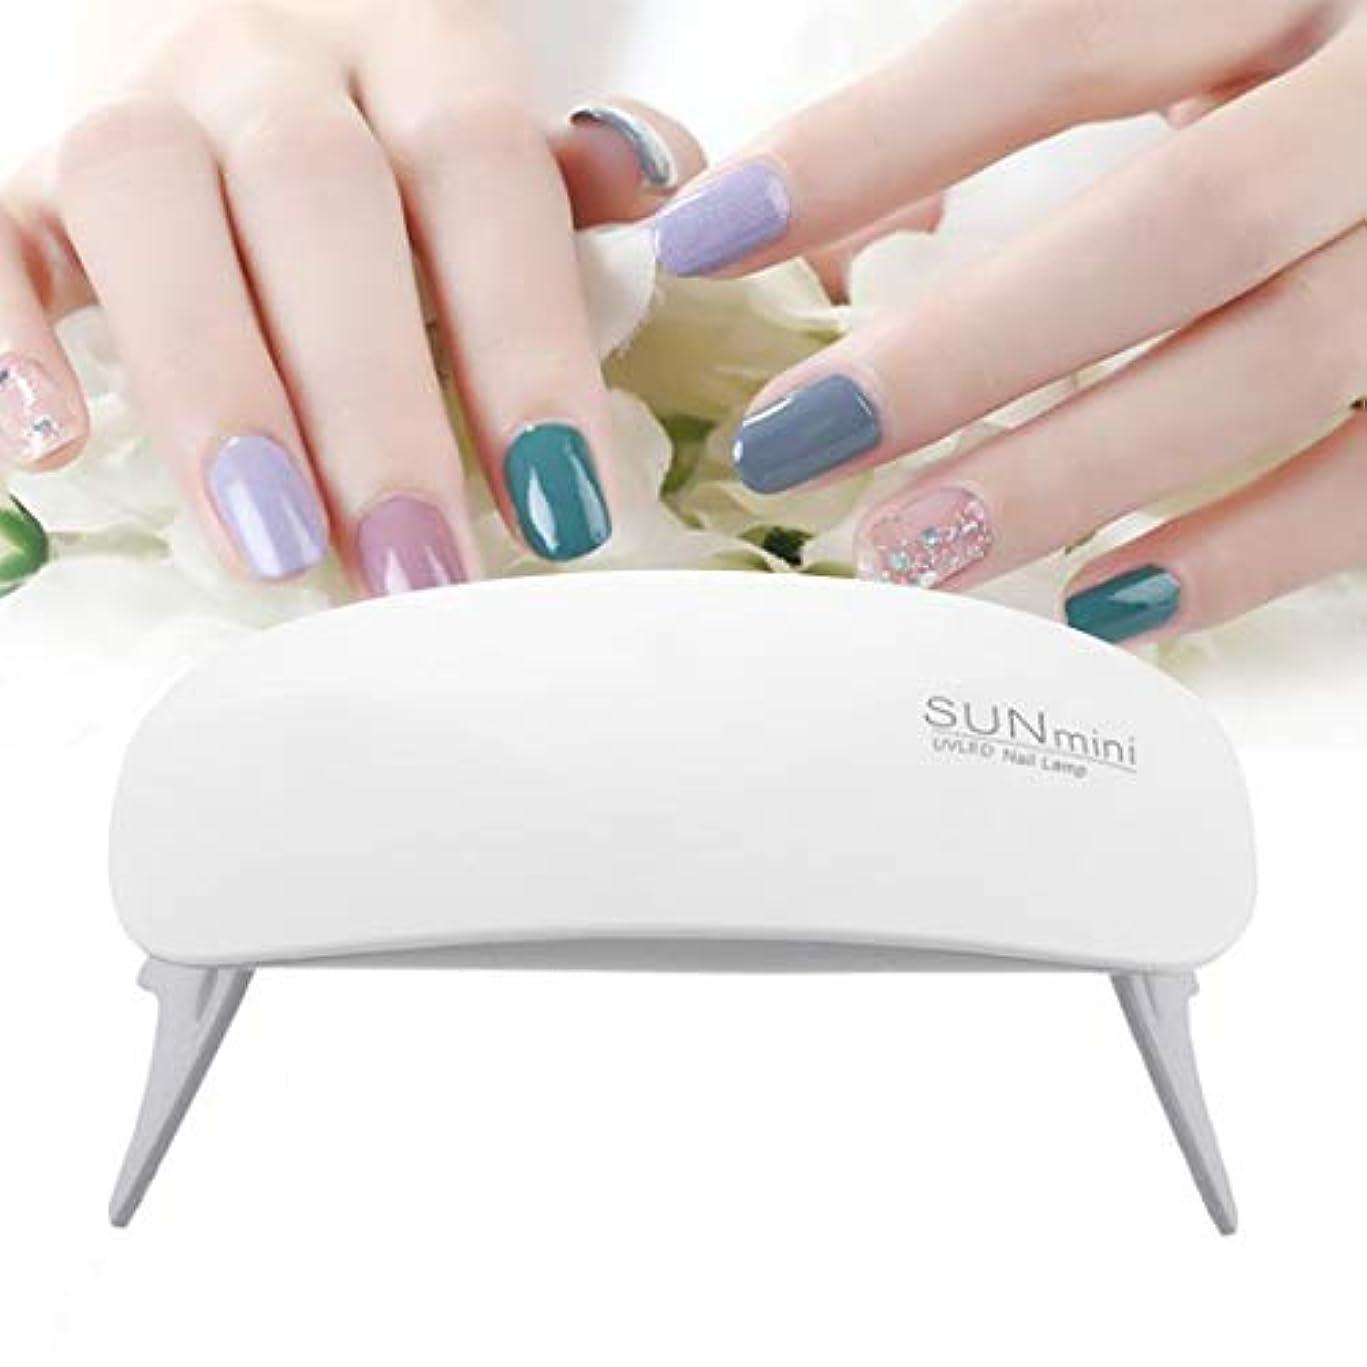 想定するしなやか雄弁BFACCIA ミニサイズ UV と LEDダブルライト ネイルランプ 乾燥用速乾性折りたたみ式 タイマー設定可能 (ホワイト)